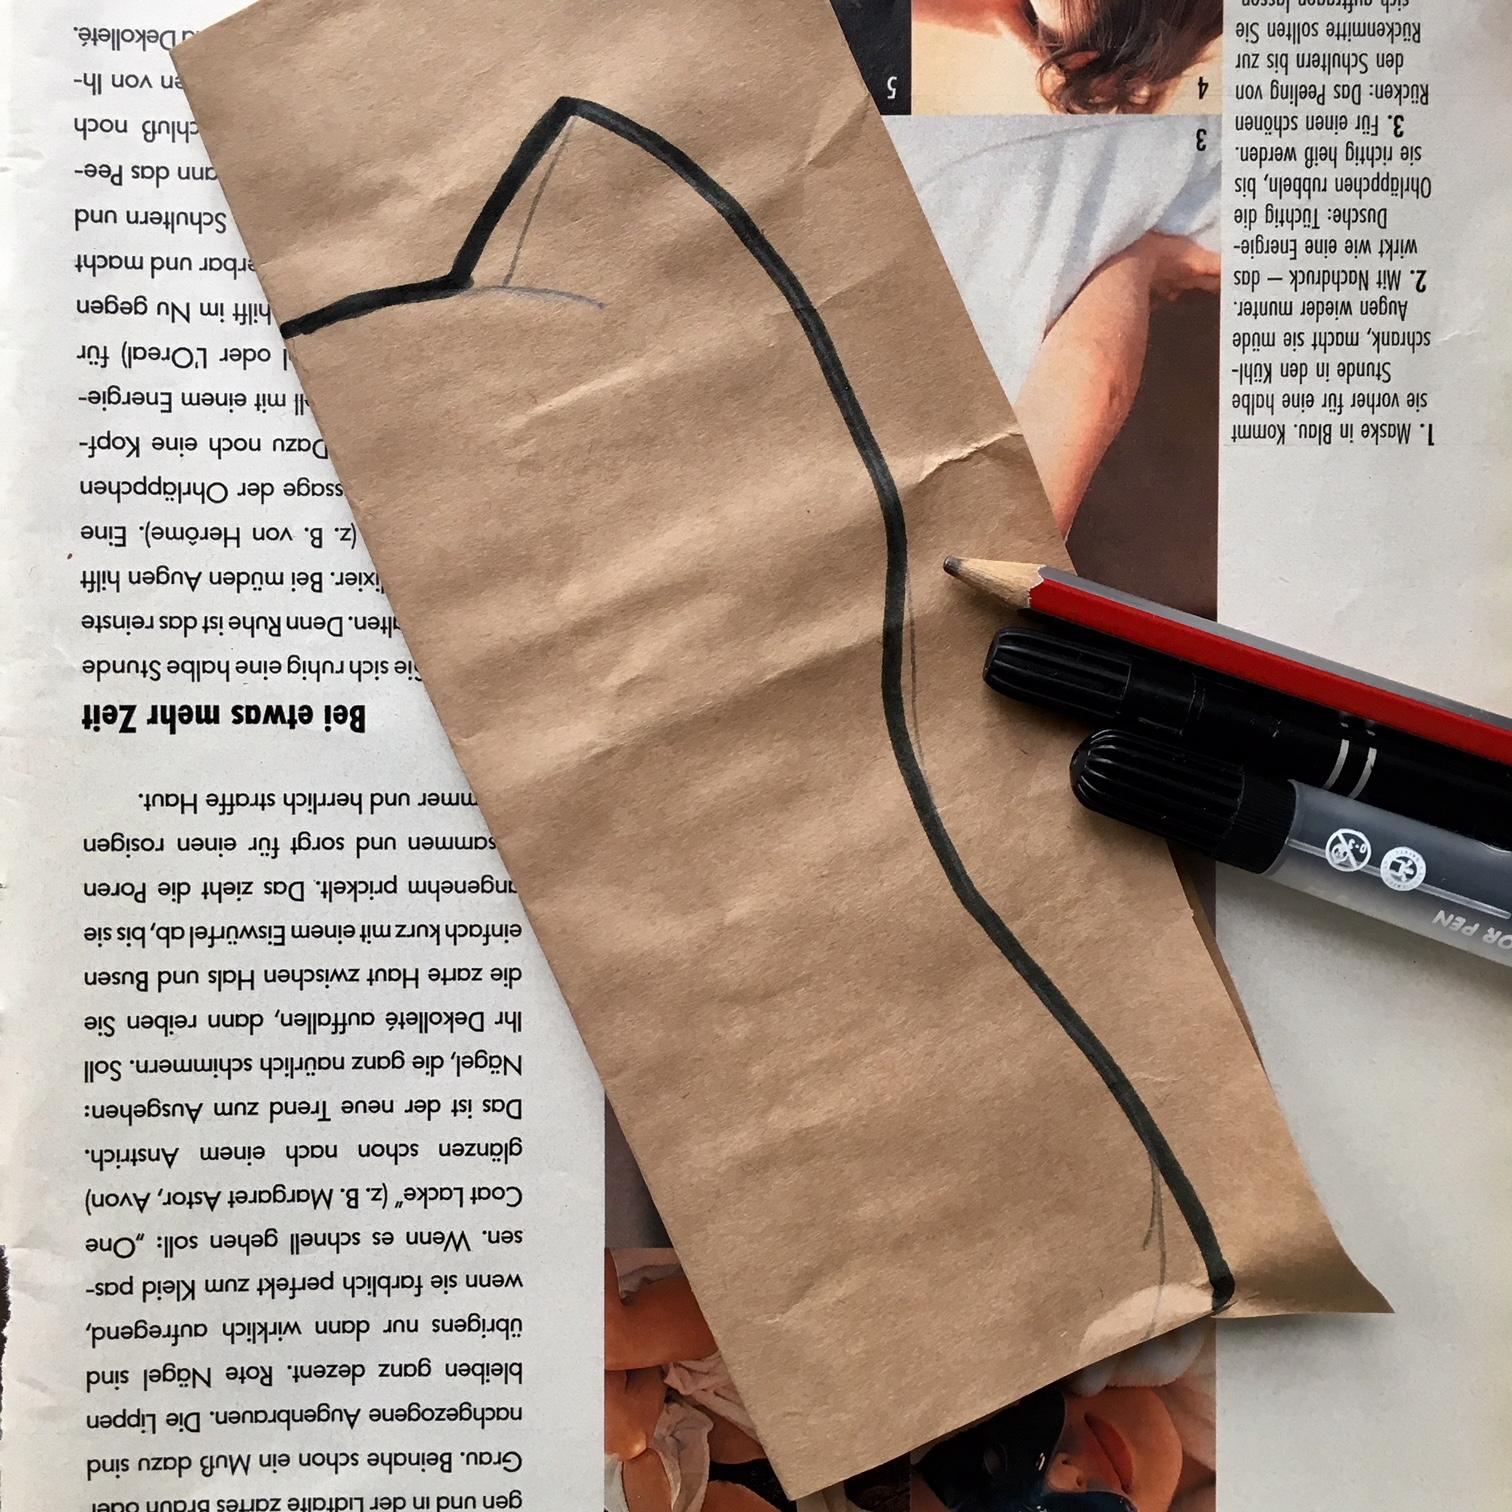 изрязване на кройка за хартиено животно